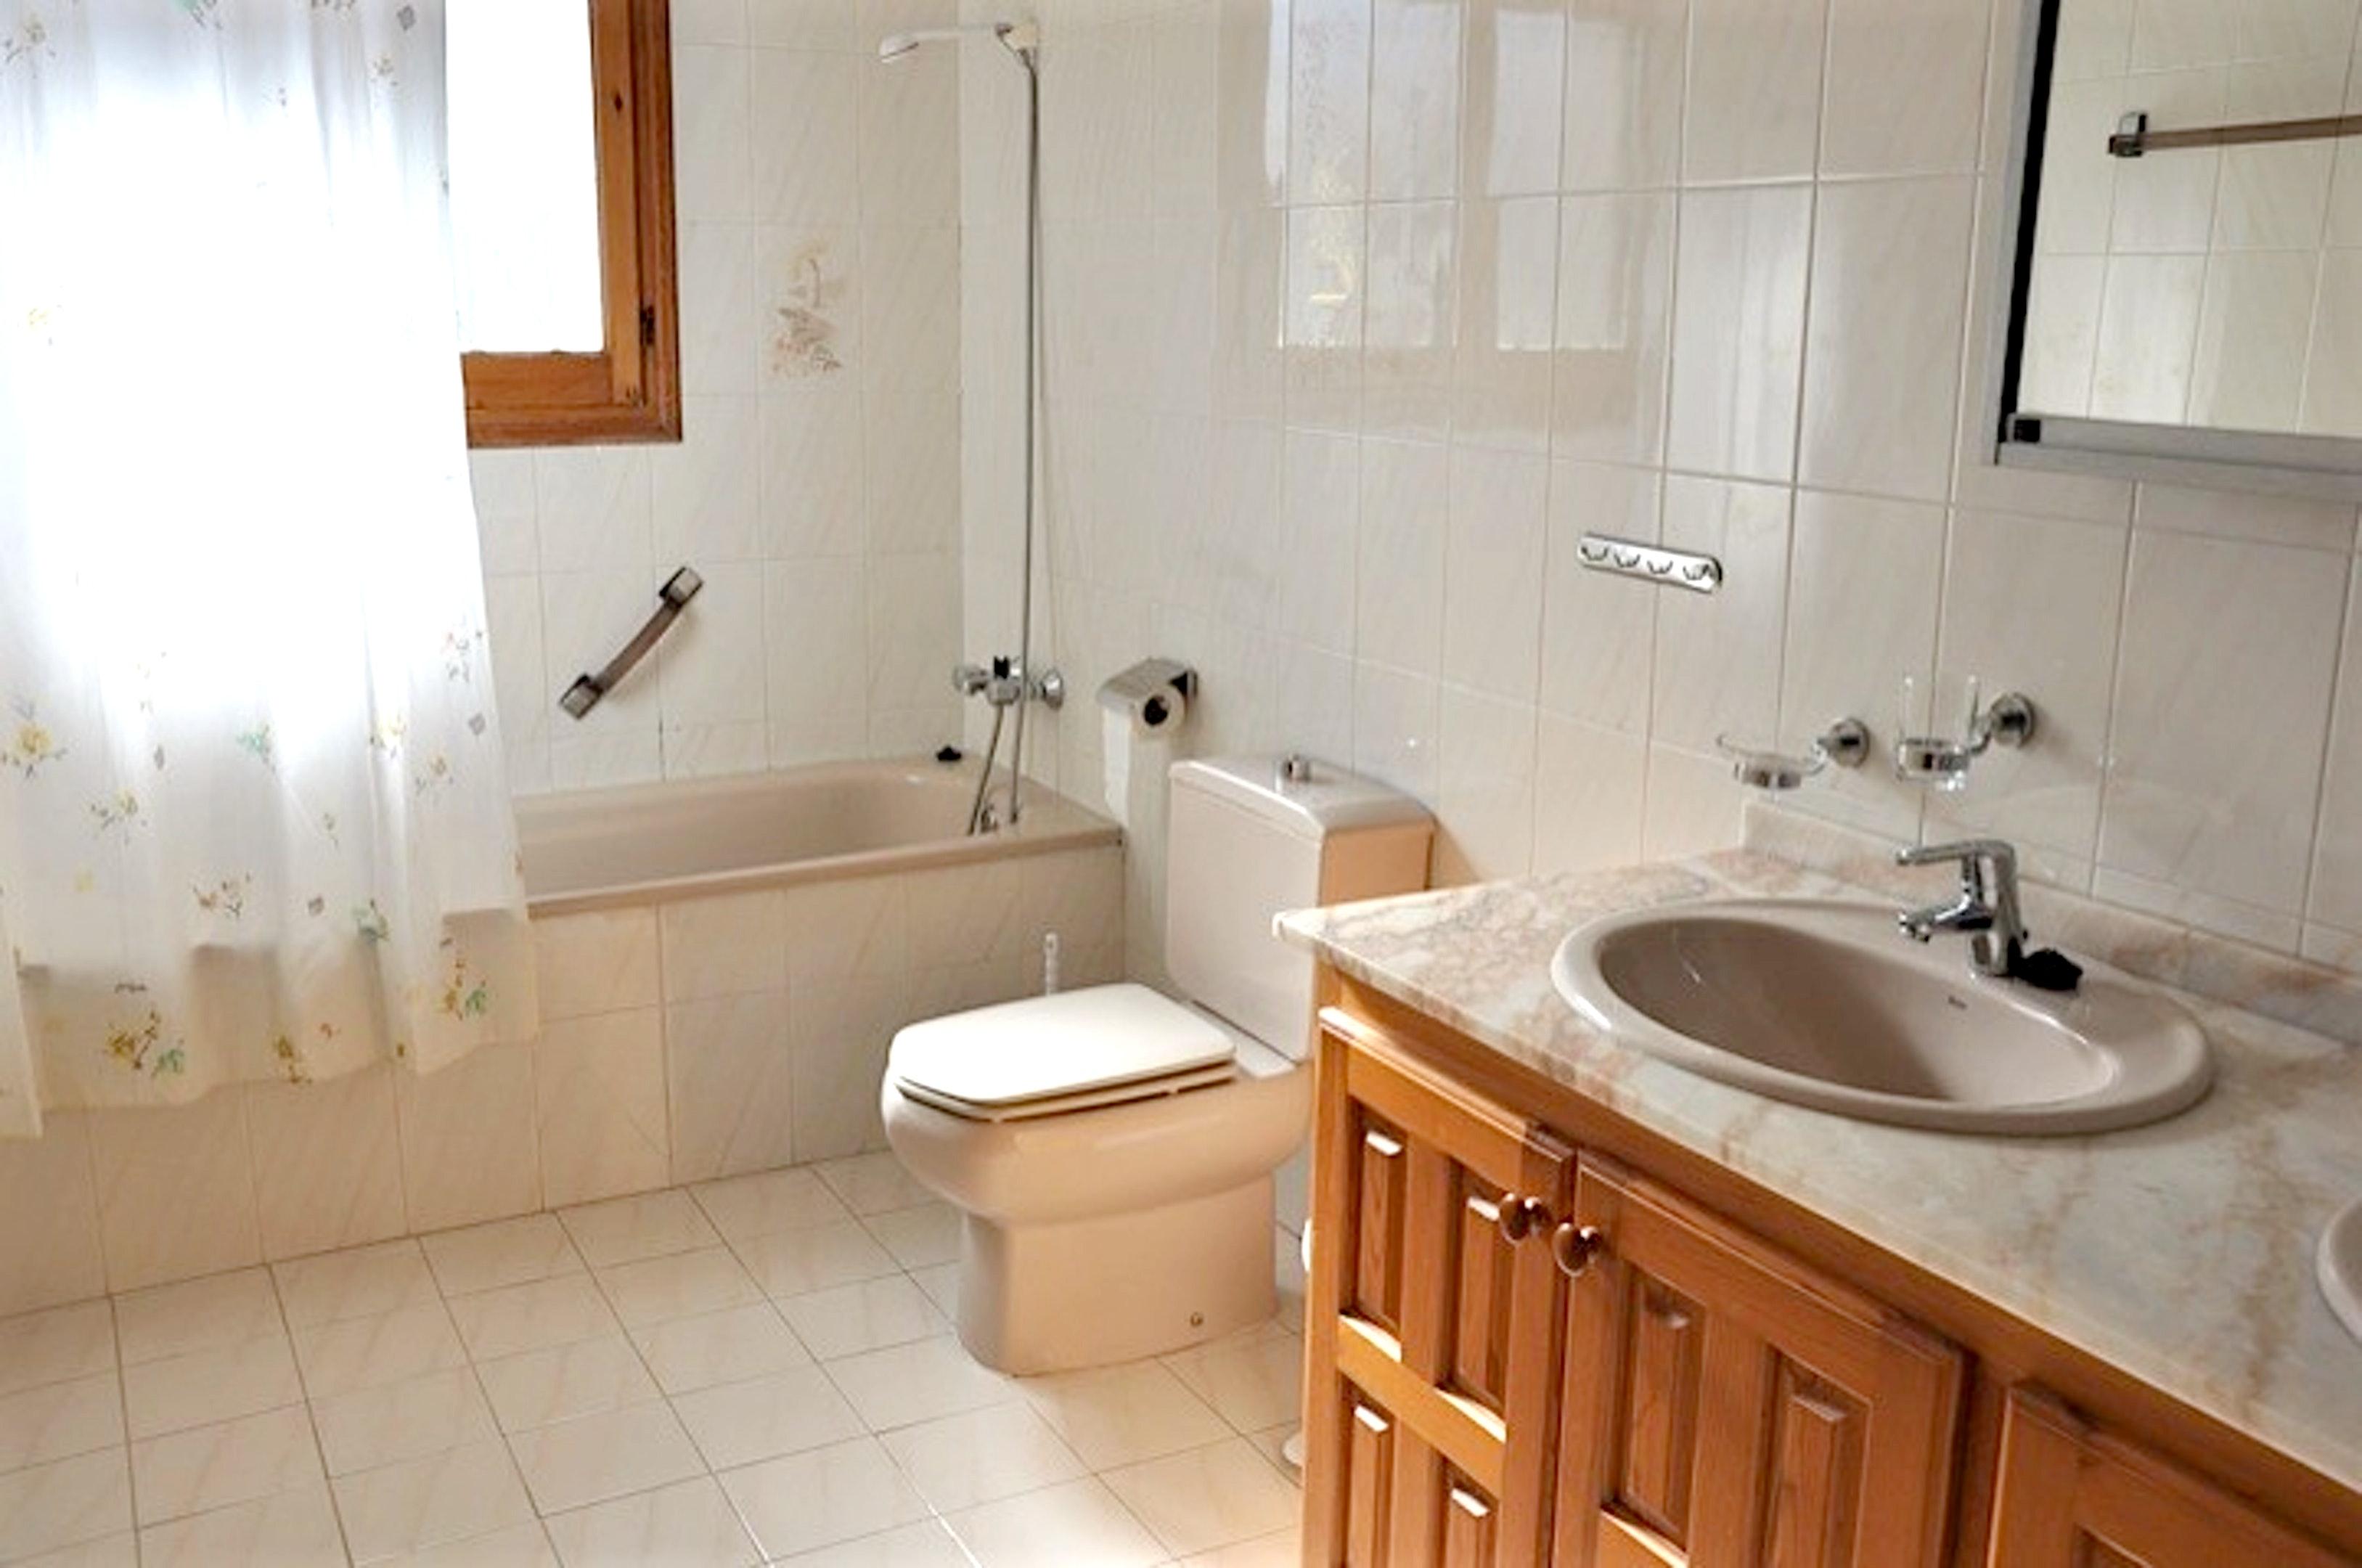 Ferienhaus Villa mit 3 Schlafzimmern in Ampolla mit herrlichem Meerblick, privatem Pool, möbliertem G (2201036), L'Ampolla, Costa Dorada, Katalonien, Spanien, Bild 26